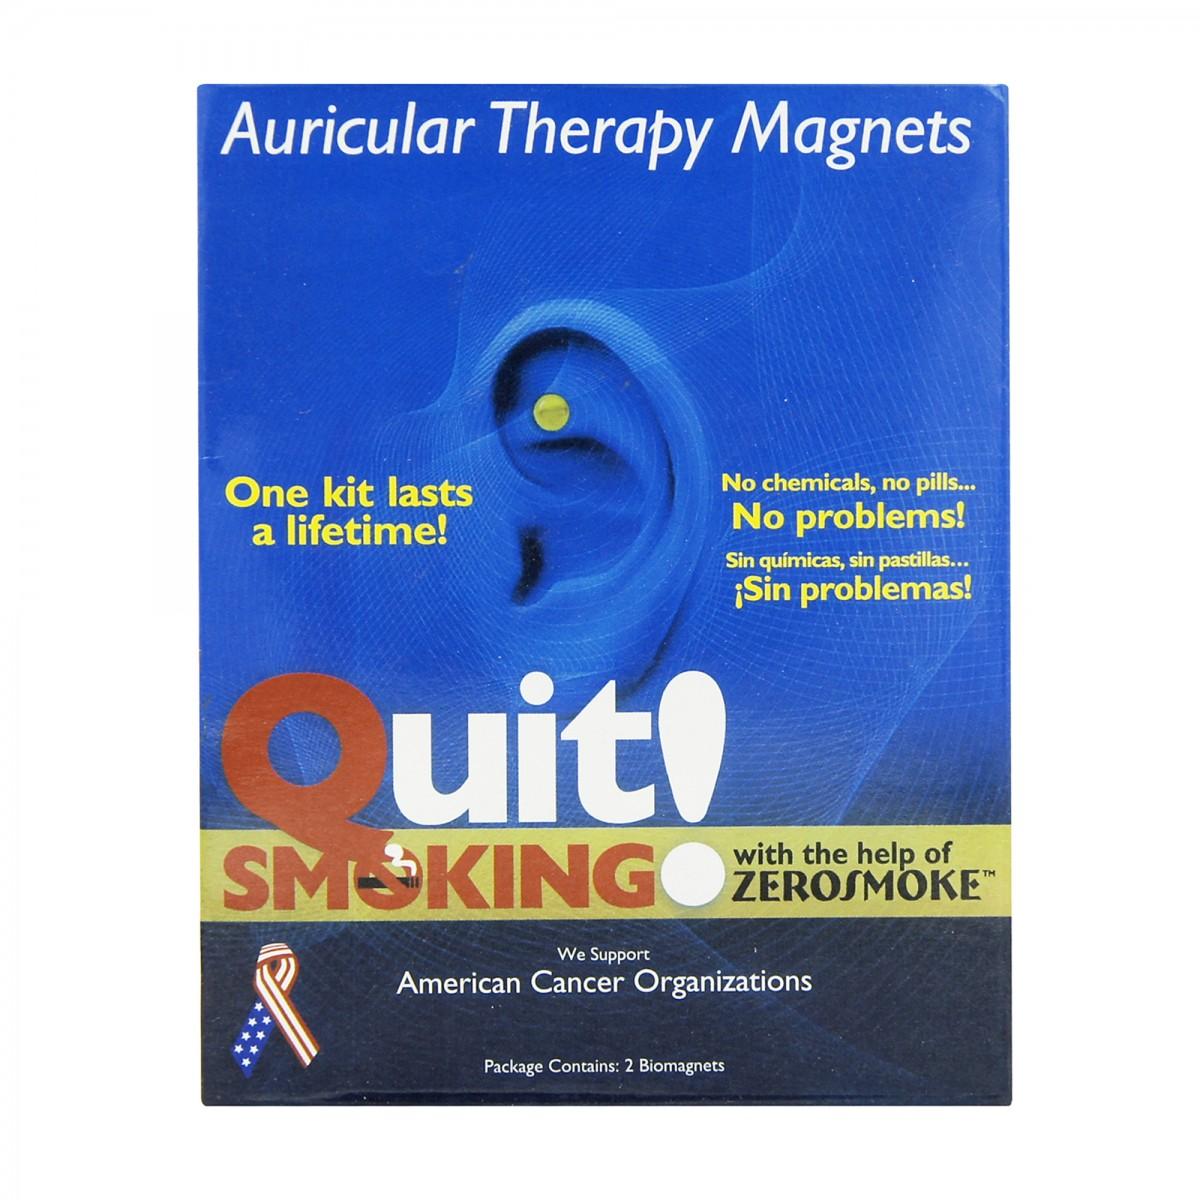 Магниты от курения - отзывы и преимущества метода, инструкция к использованию биомагнитов против курения